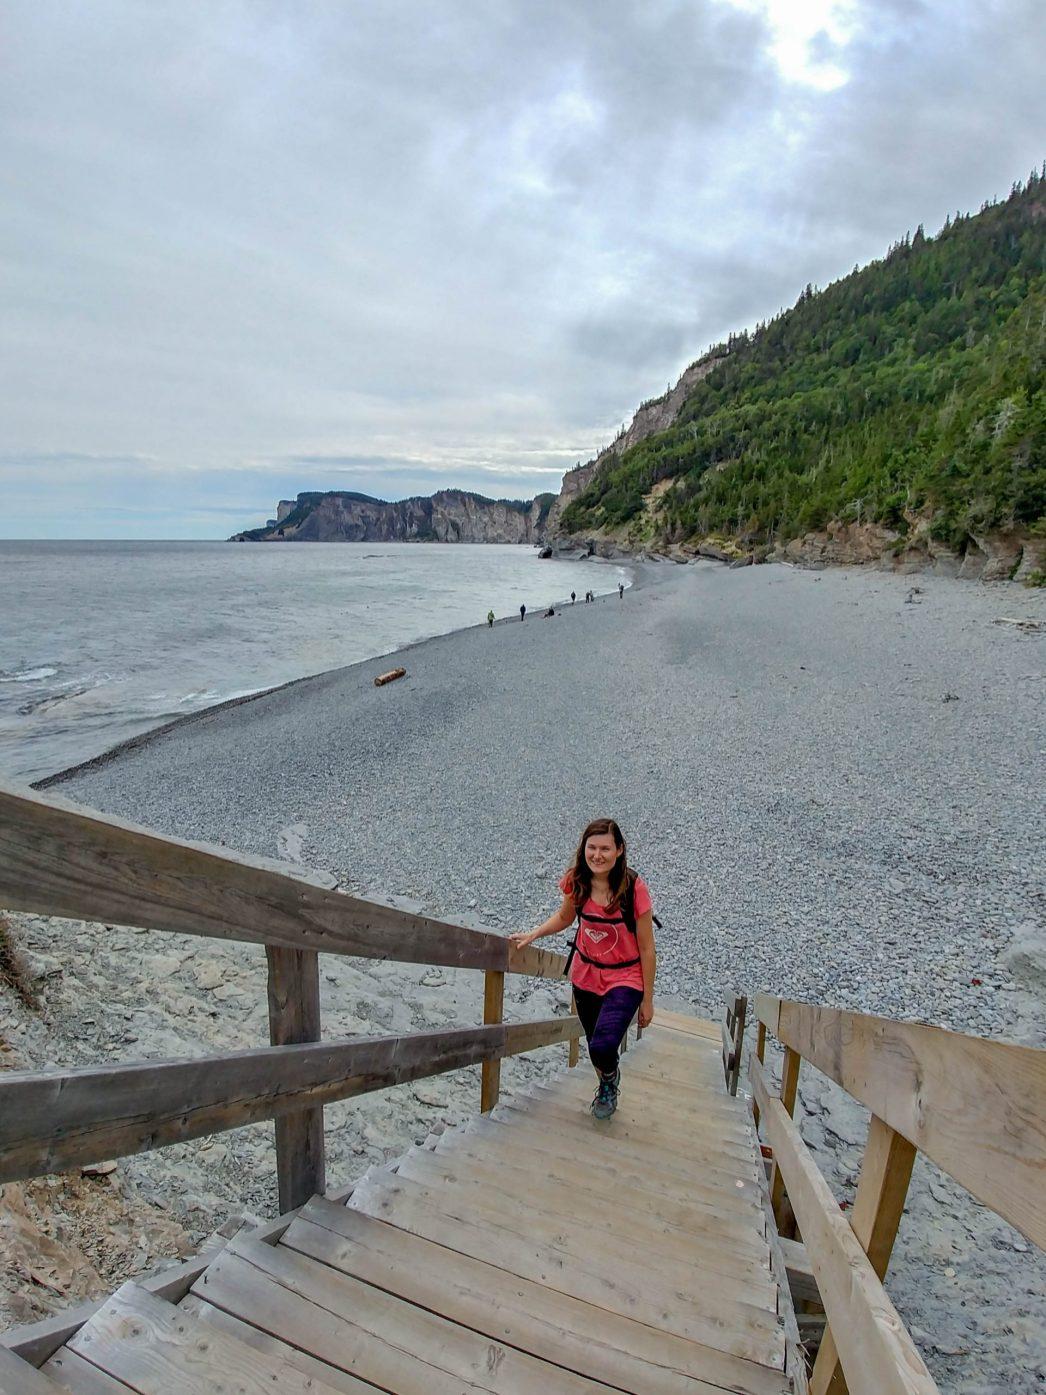 La petite plage du Cap Bon Ami